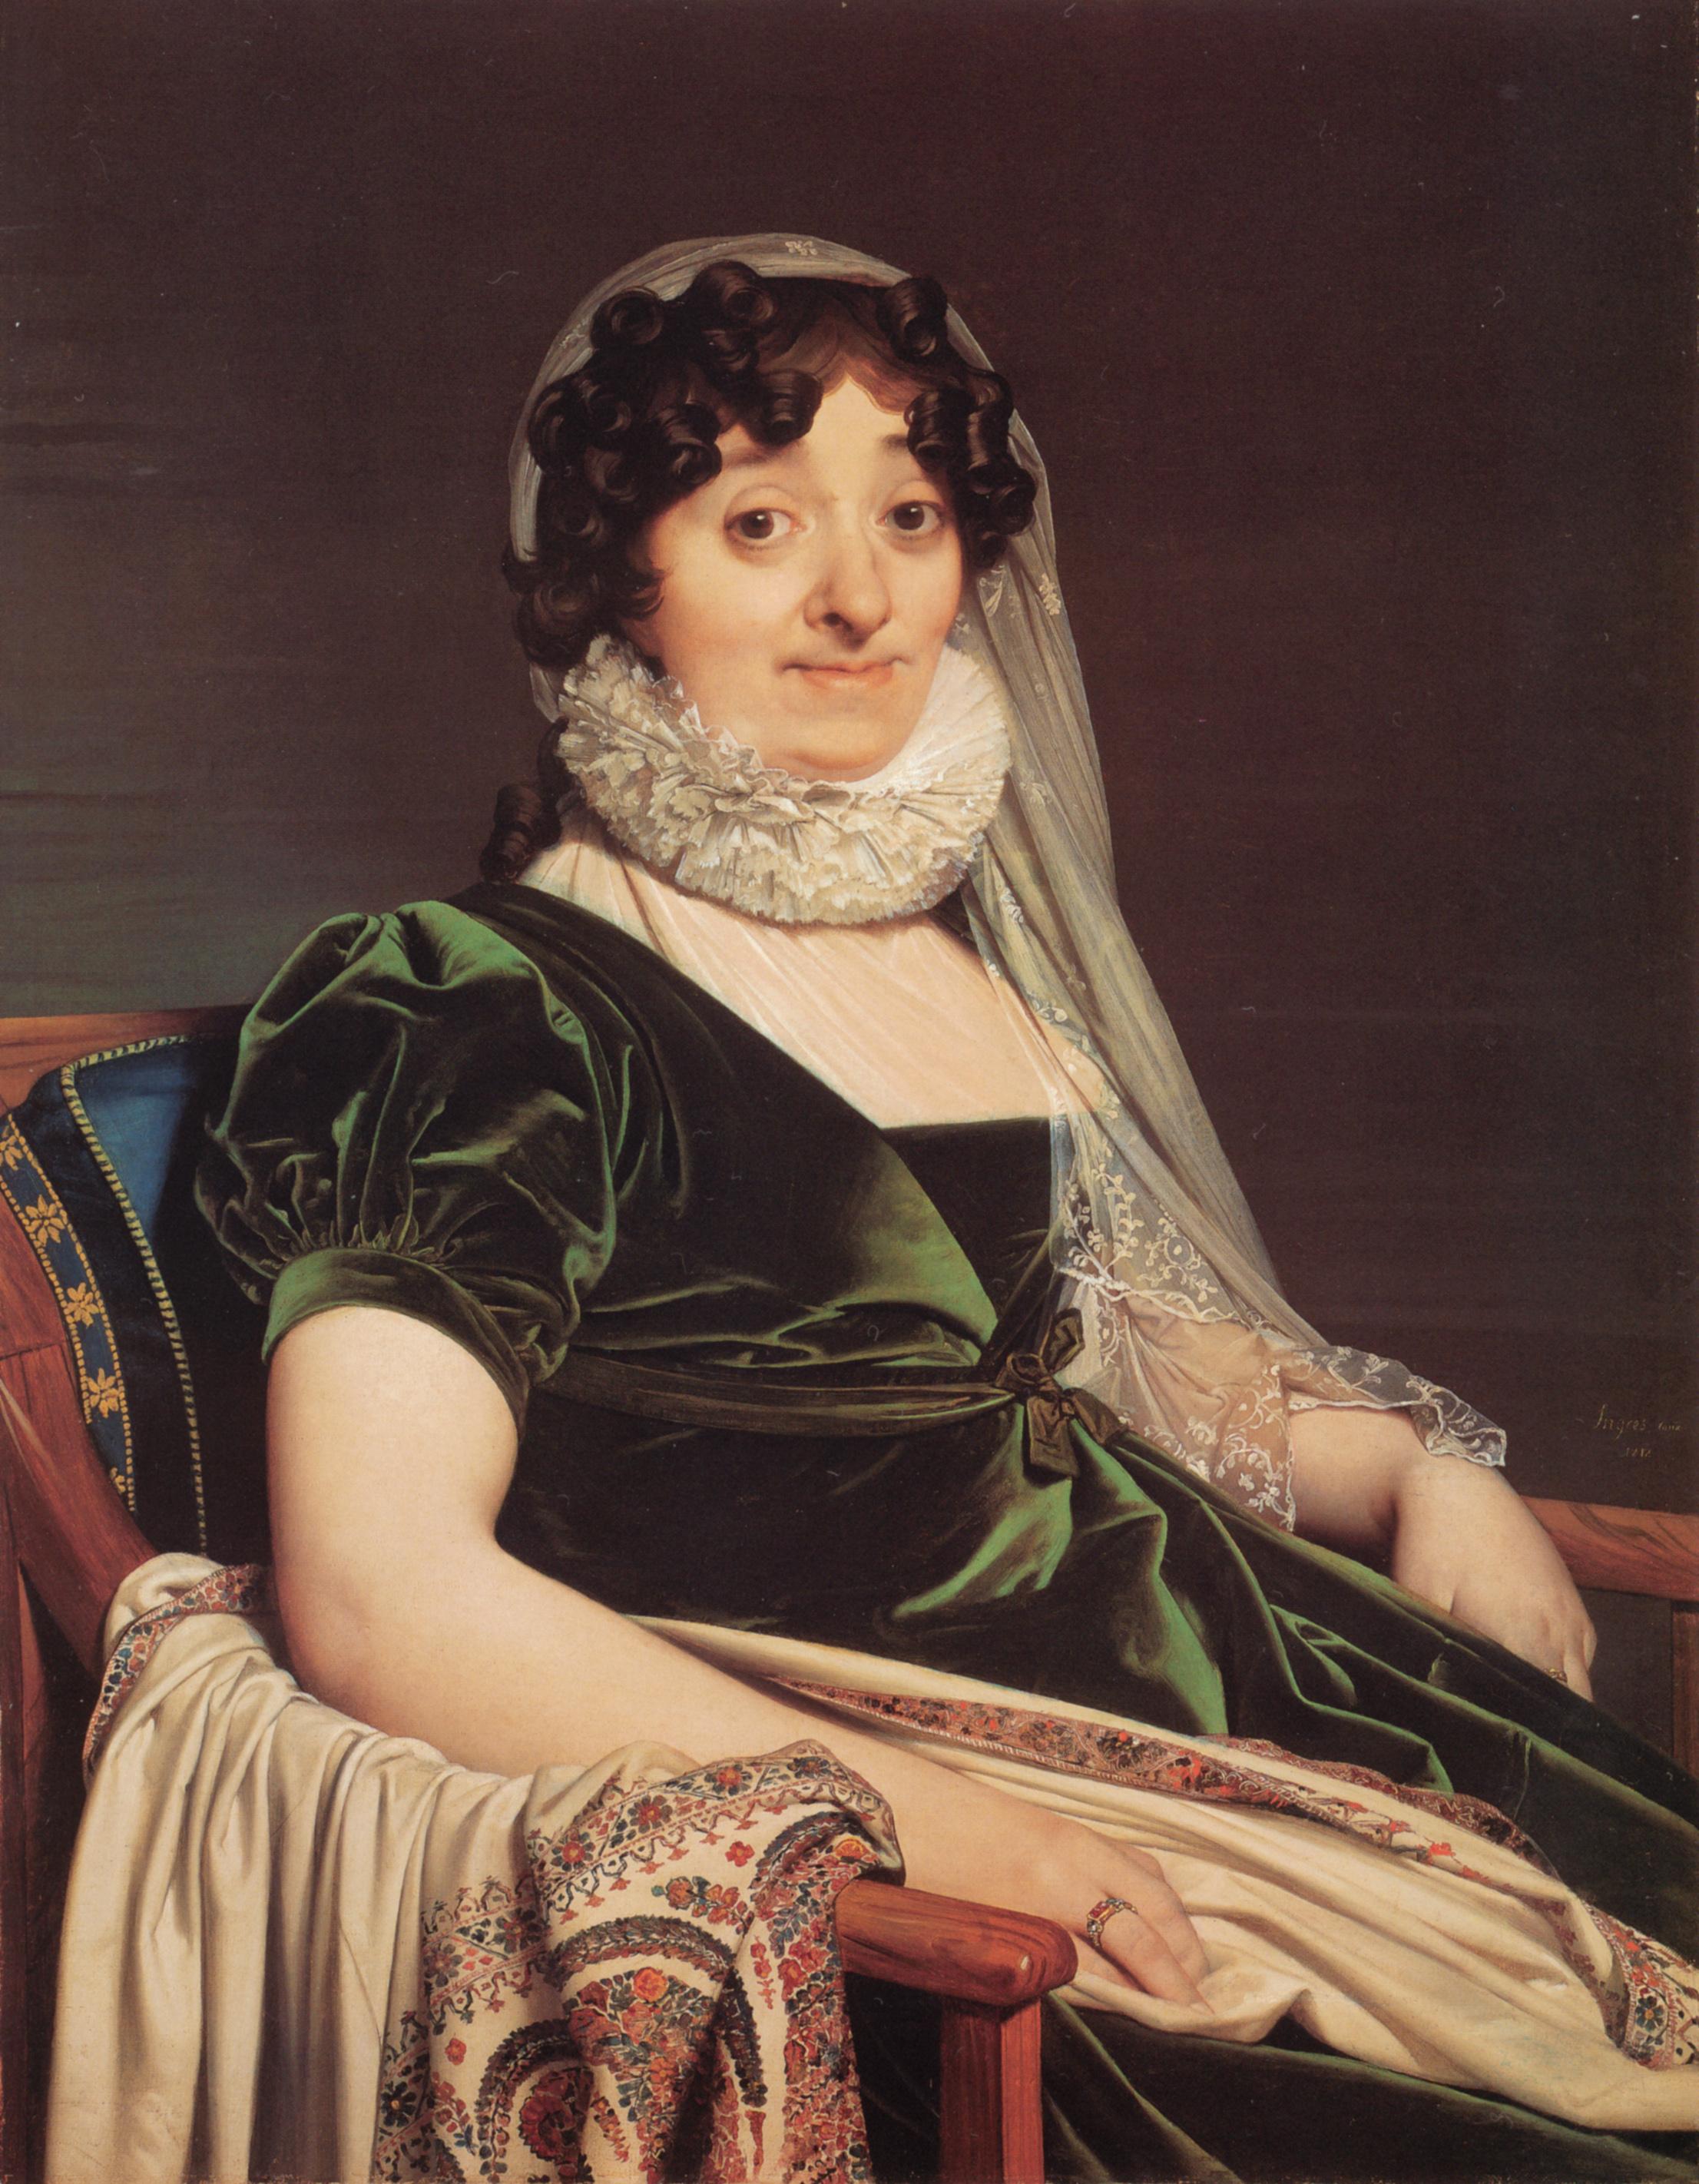 Comtes de Tournon, née Geneviève de Seytres Caumont, 1812